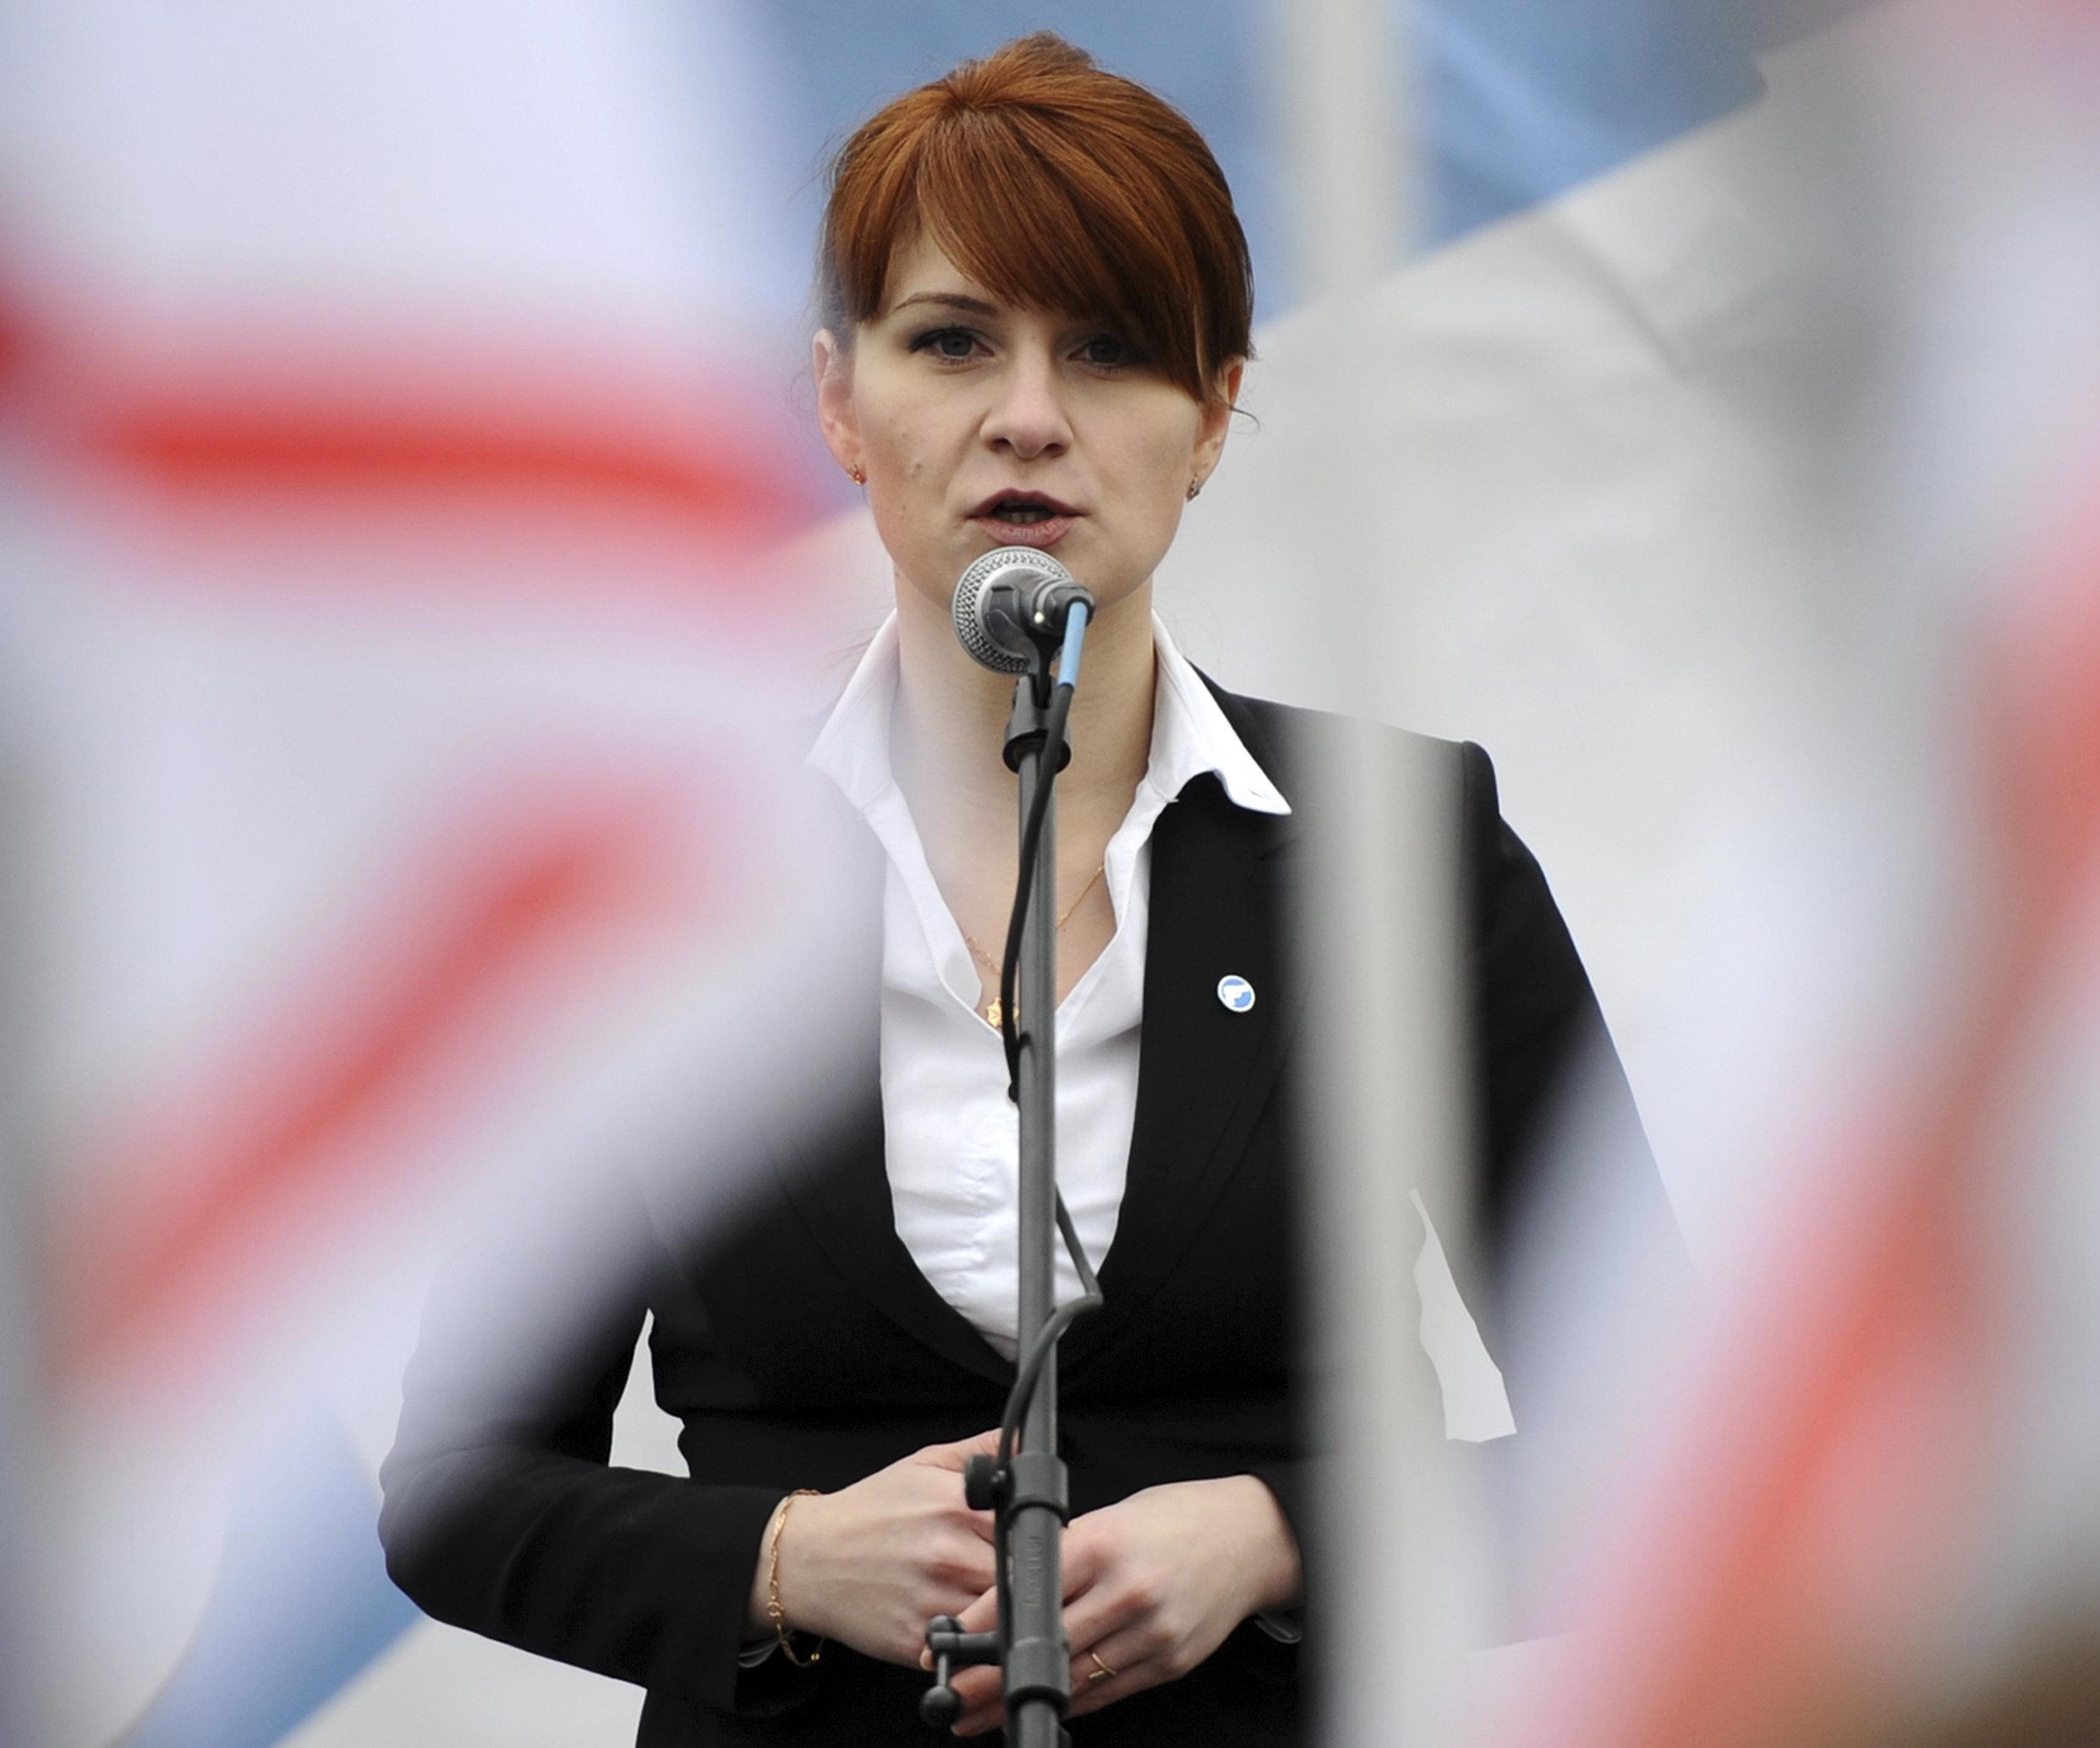 Trat in den USA als Waffennärrin und -lobbyisten auf, arbeitete aber für Russland: Die NRA-Aktivistin...